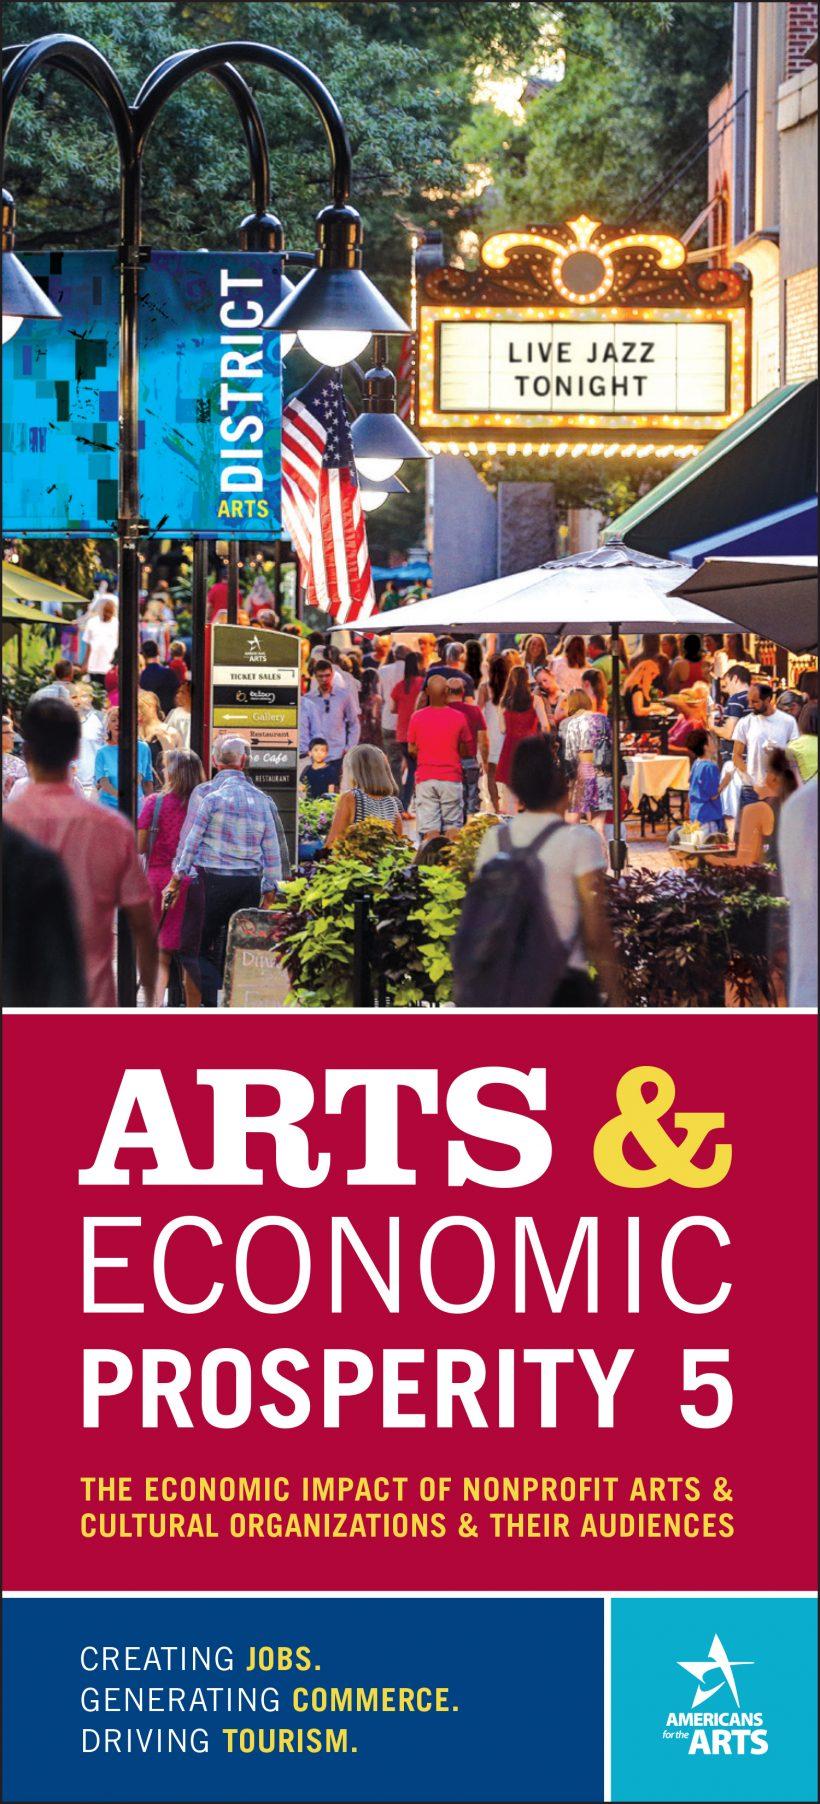 Arts & Economic Prosperity 5